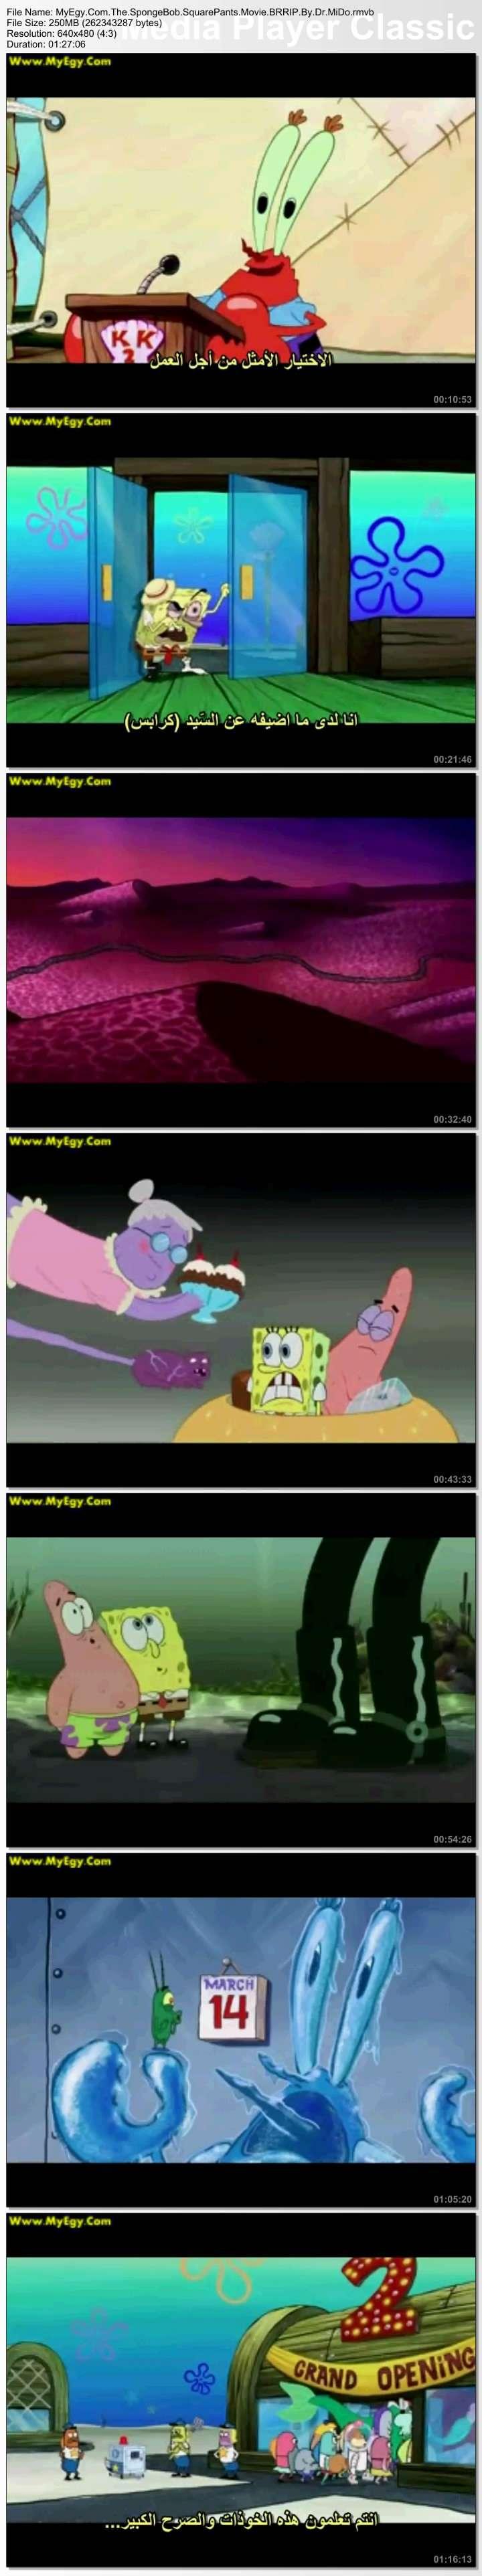 SpongeBob SquarePants D83a0b10